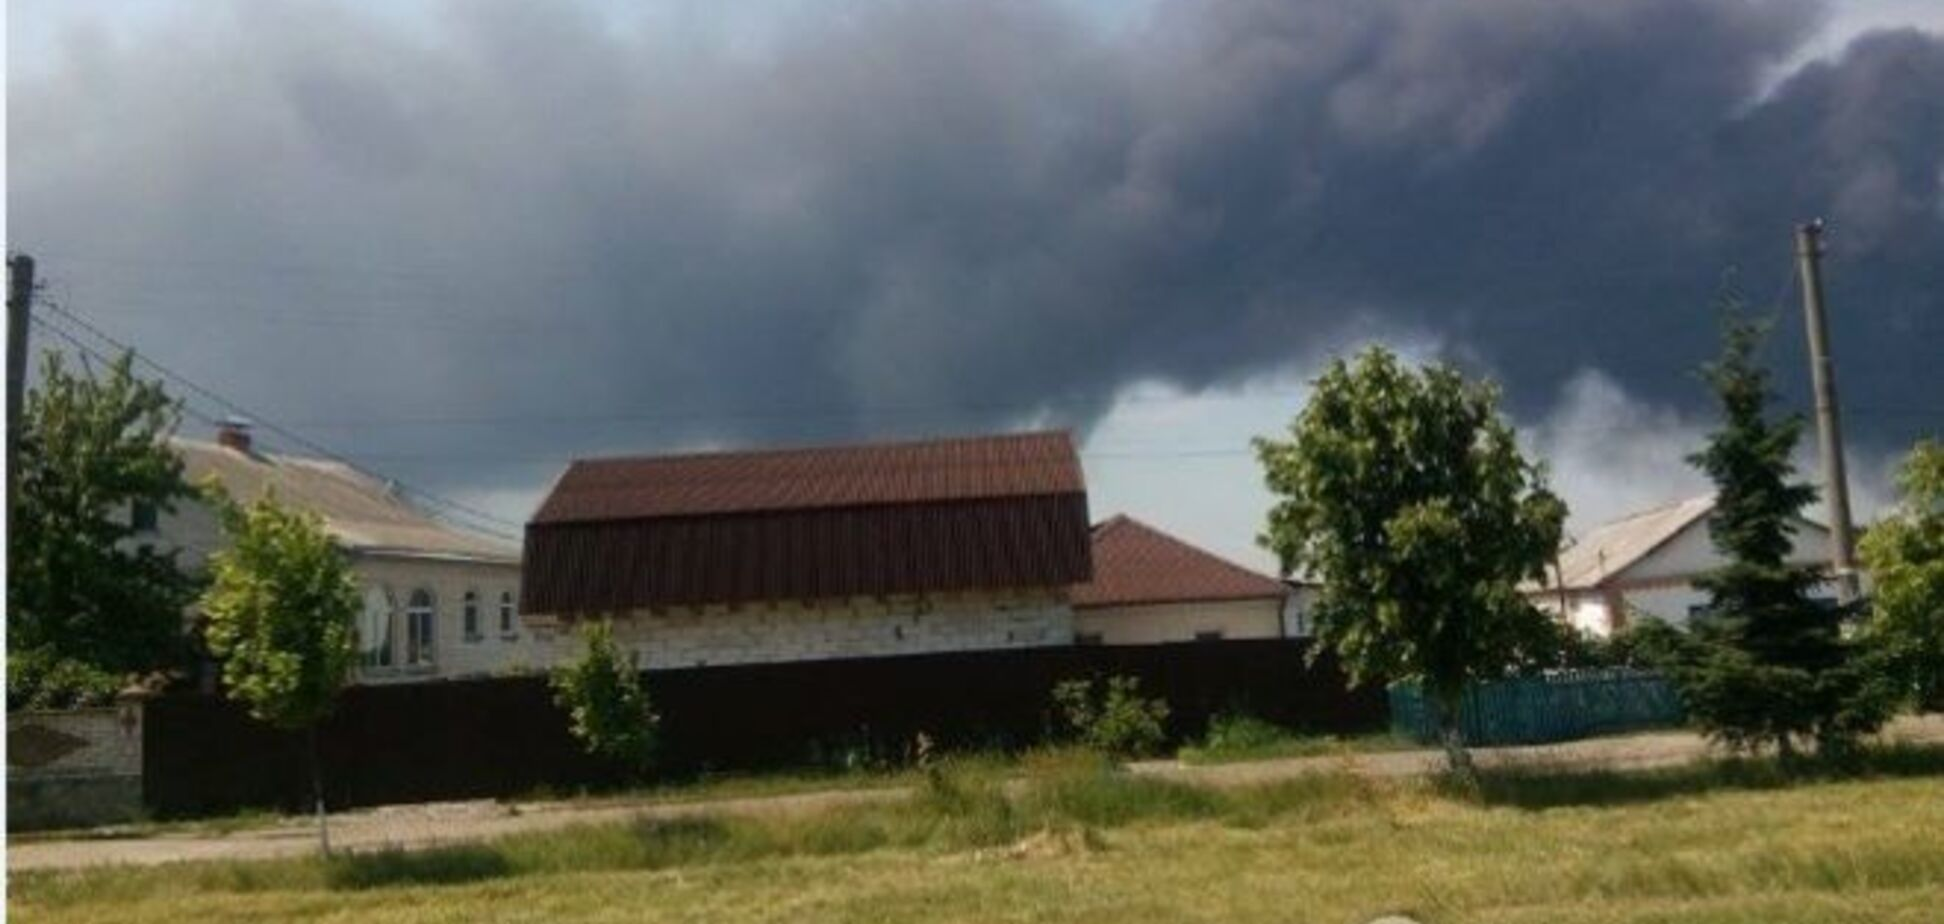 Кульбида рассказал, какие города могут накрыть черные тучи от пожара в Василькове